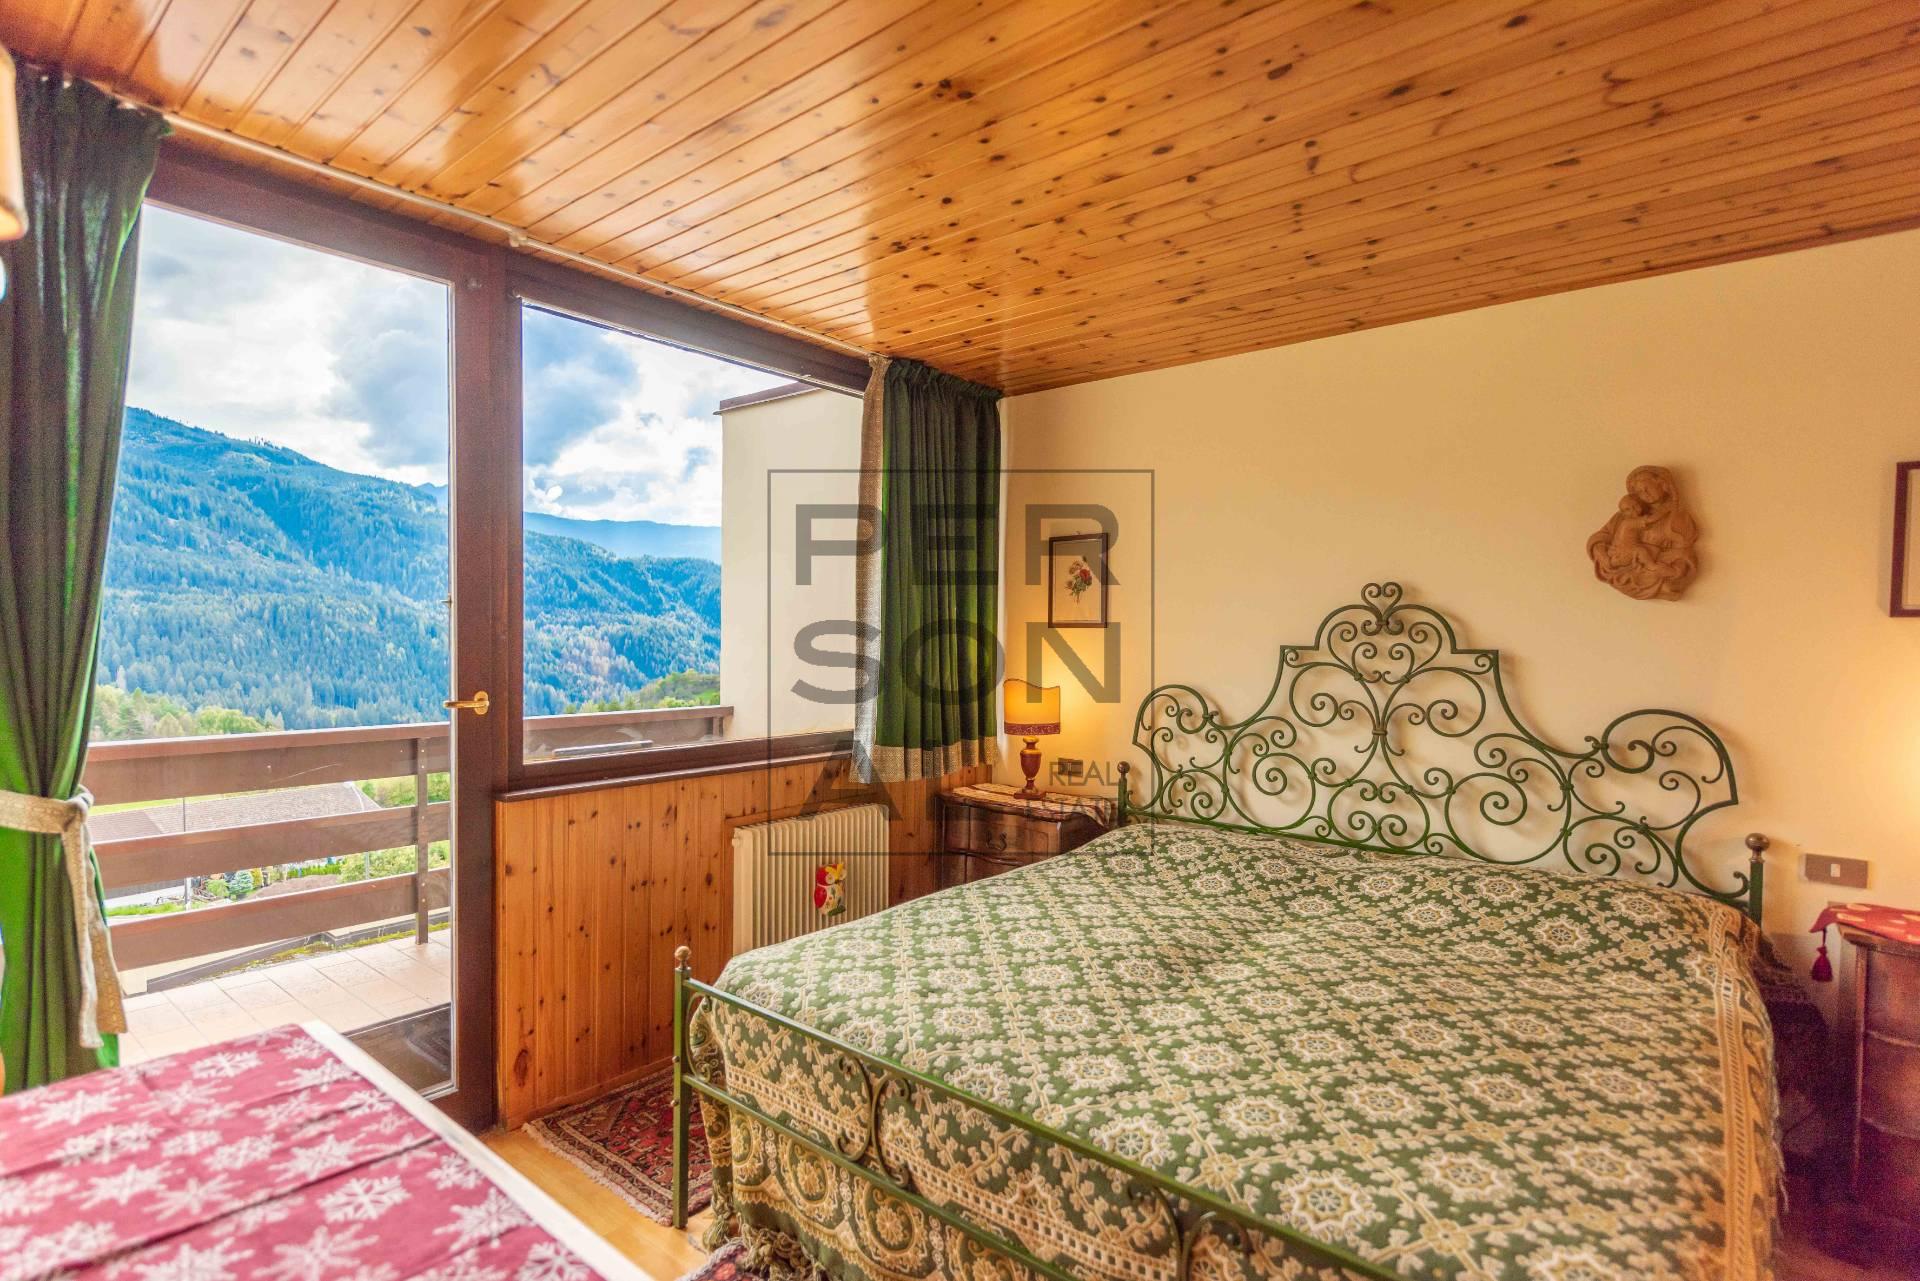 Appartamento in vendita a Cavalese, 3 locali, prezzo € 197.000 | CambioCasa.it